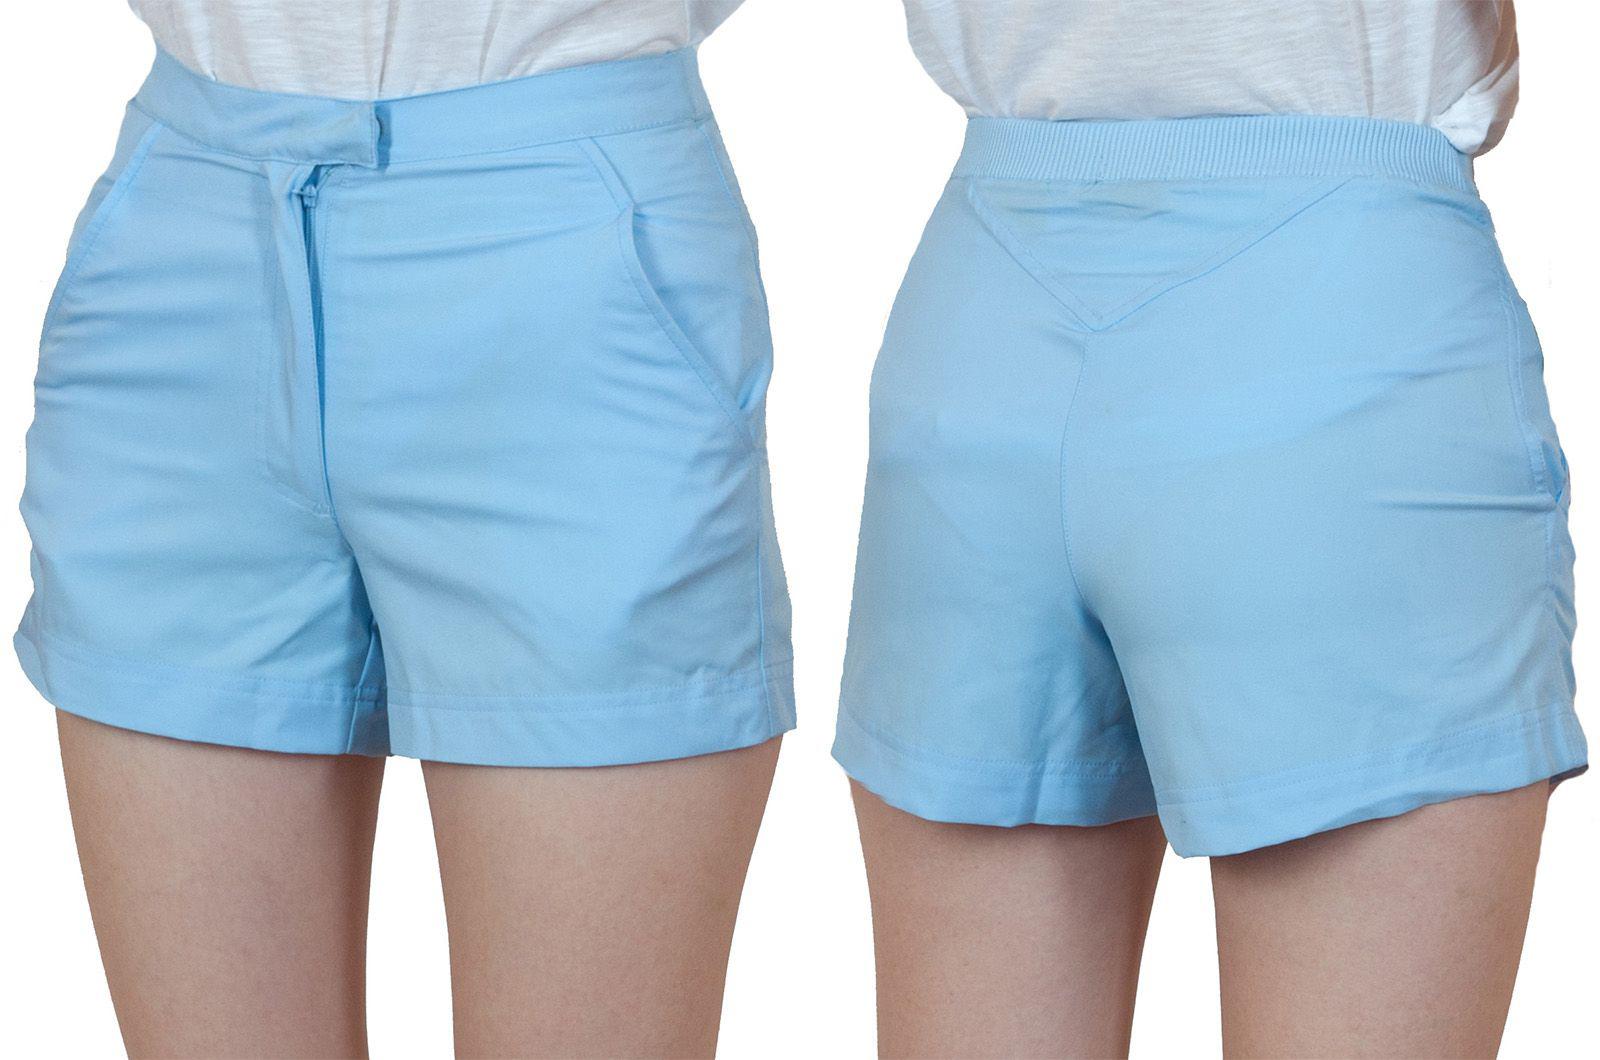 Заказать светло-голубые шорты для девушки